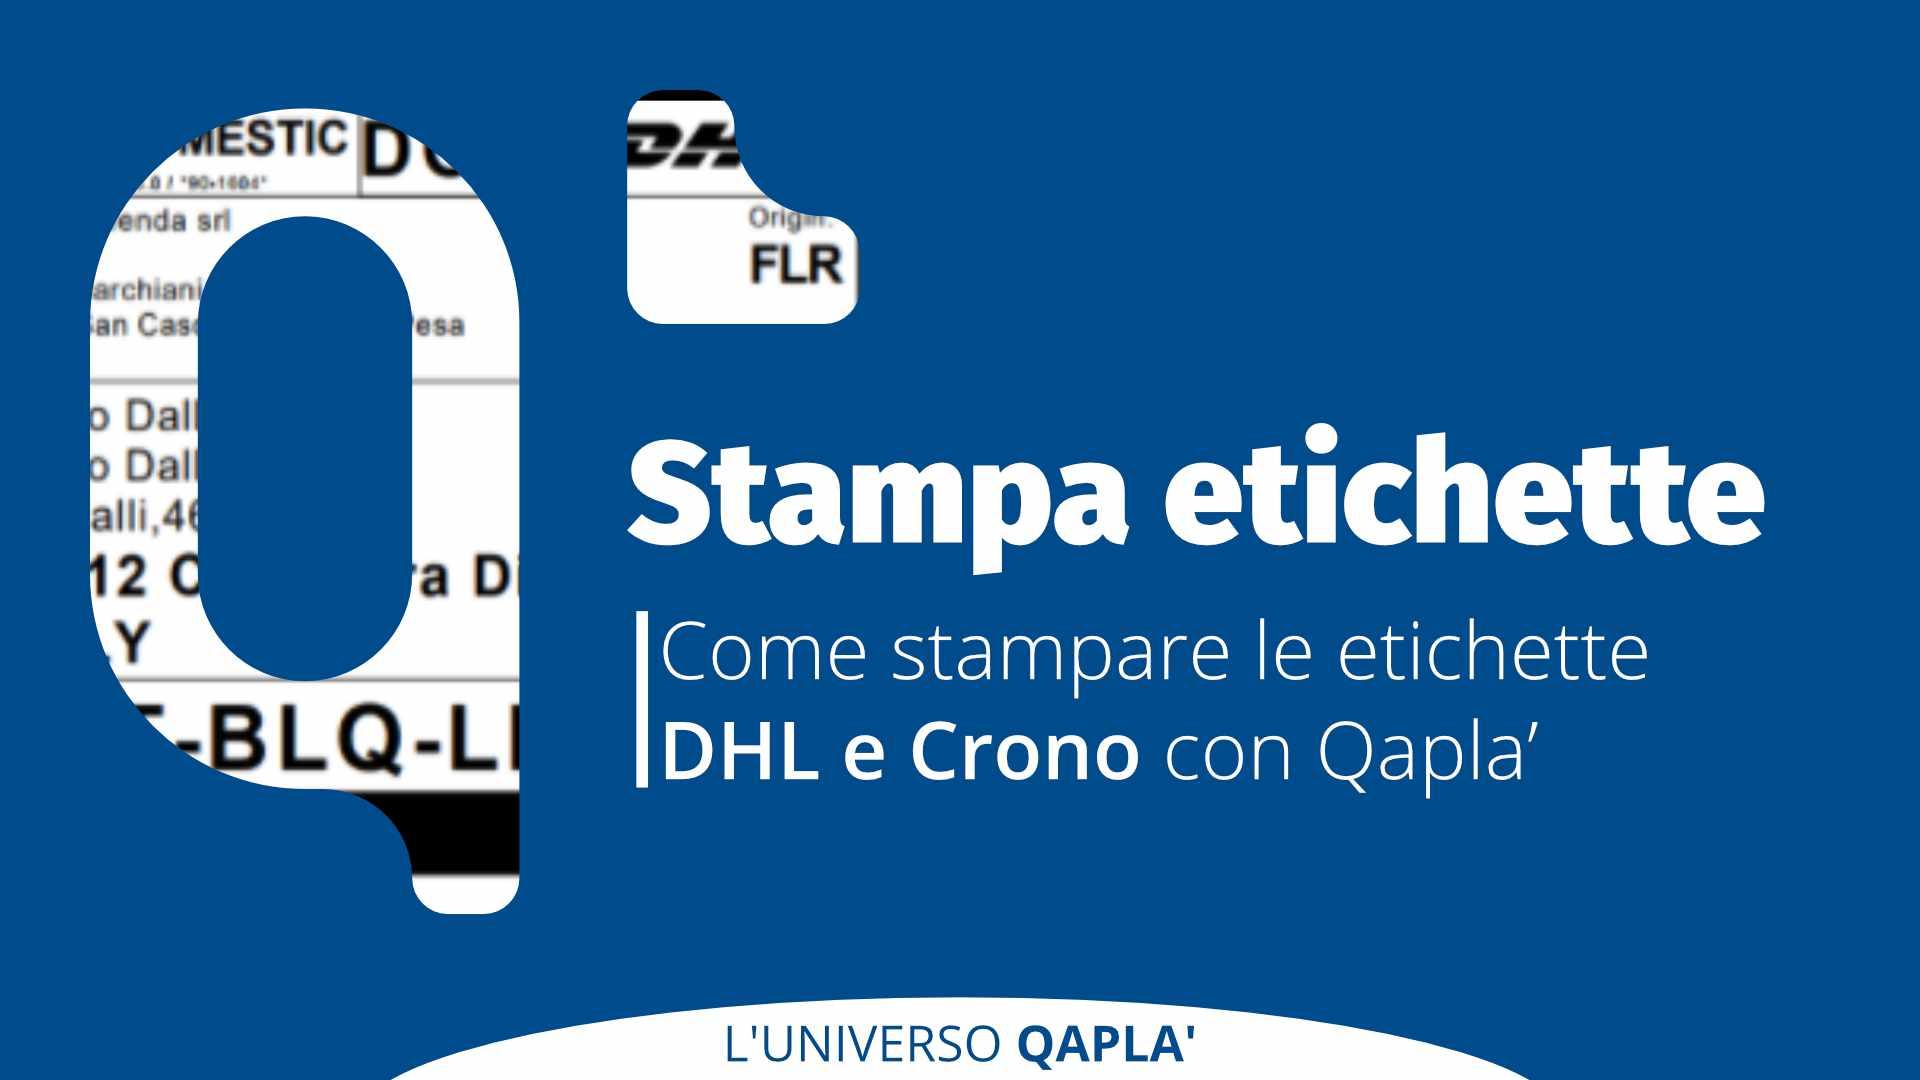 Stampa di etichette DHL e Crono con Qapla'